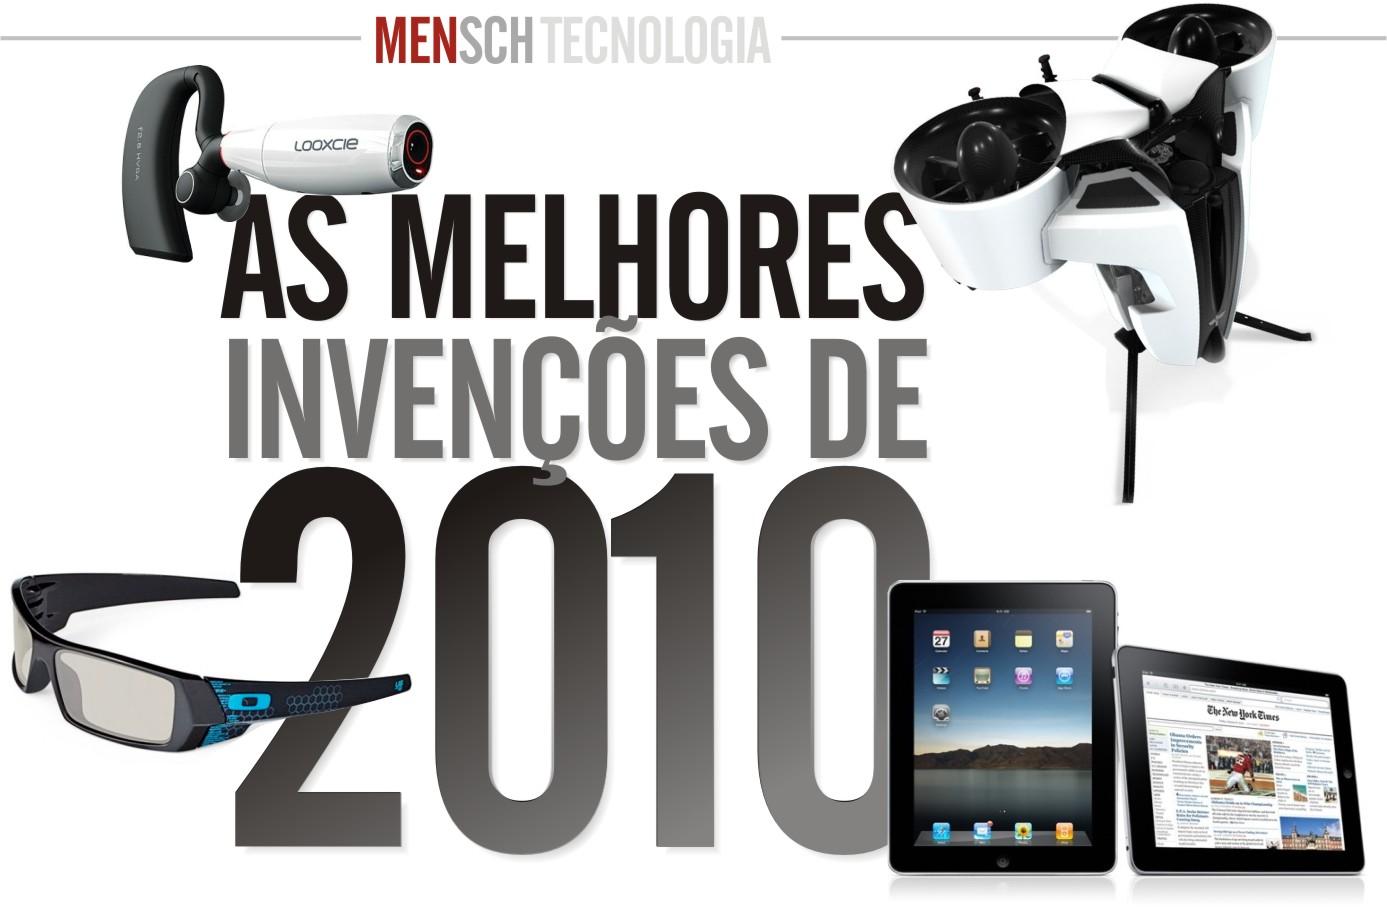 4109aa45084 As 10 Melhores Invenções (high tech) de 2010 - Revista Mensch